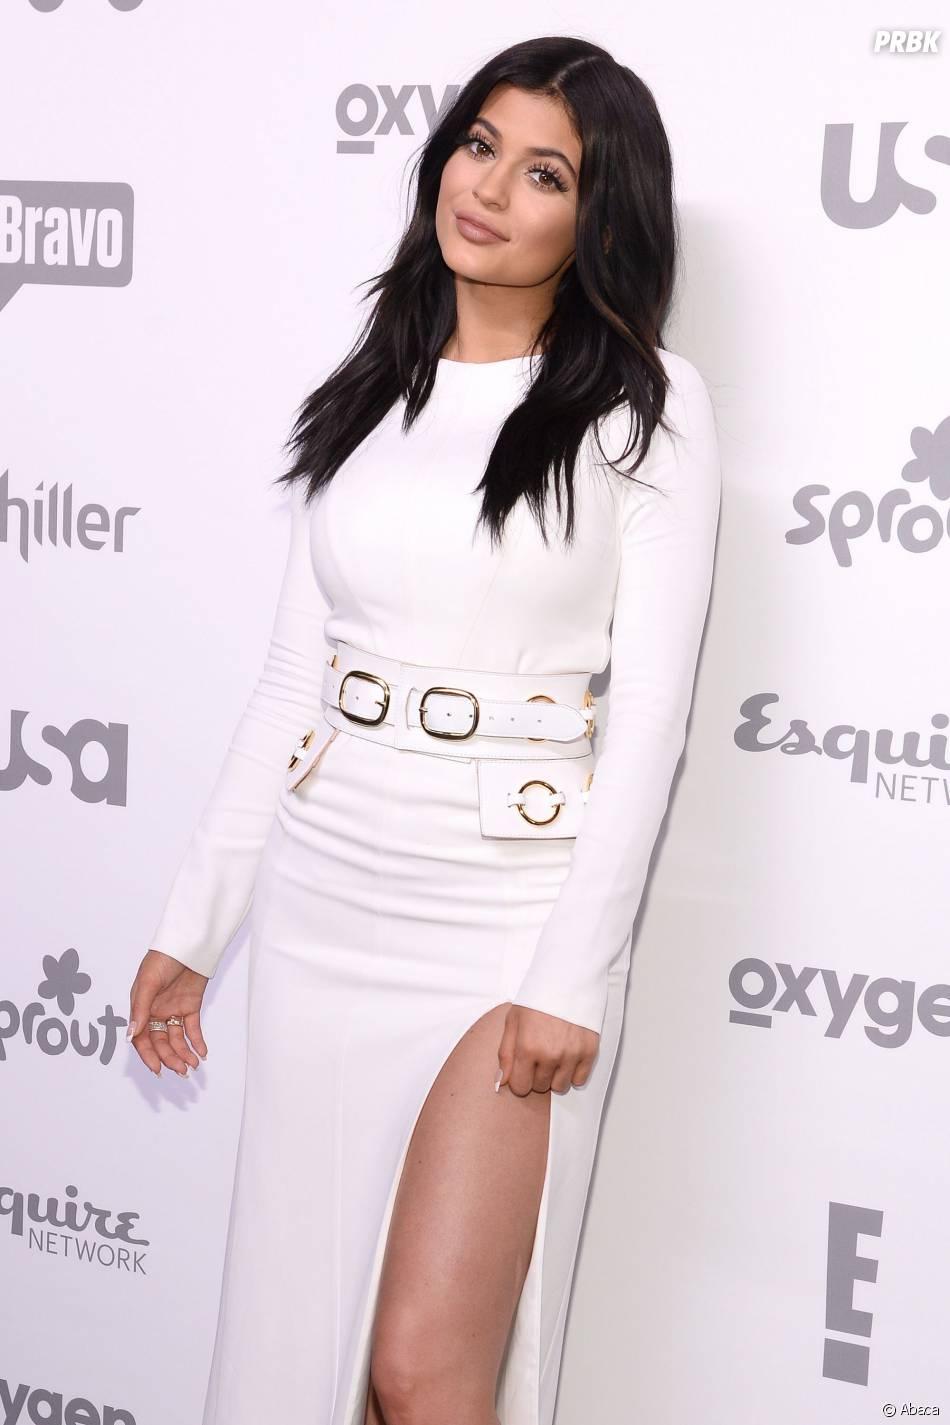 Kylie Jenner en robe fendue sur le tapis rouge, le 14 mai 2015 à New York